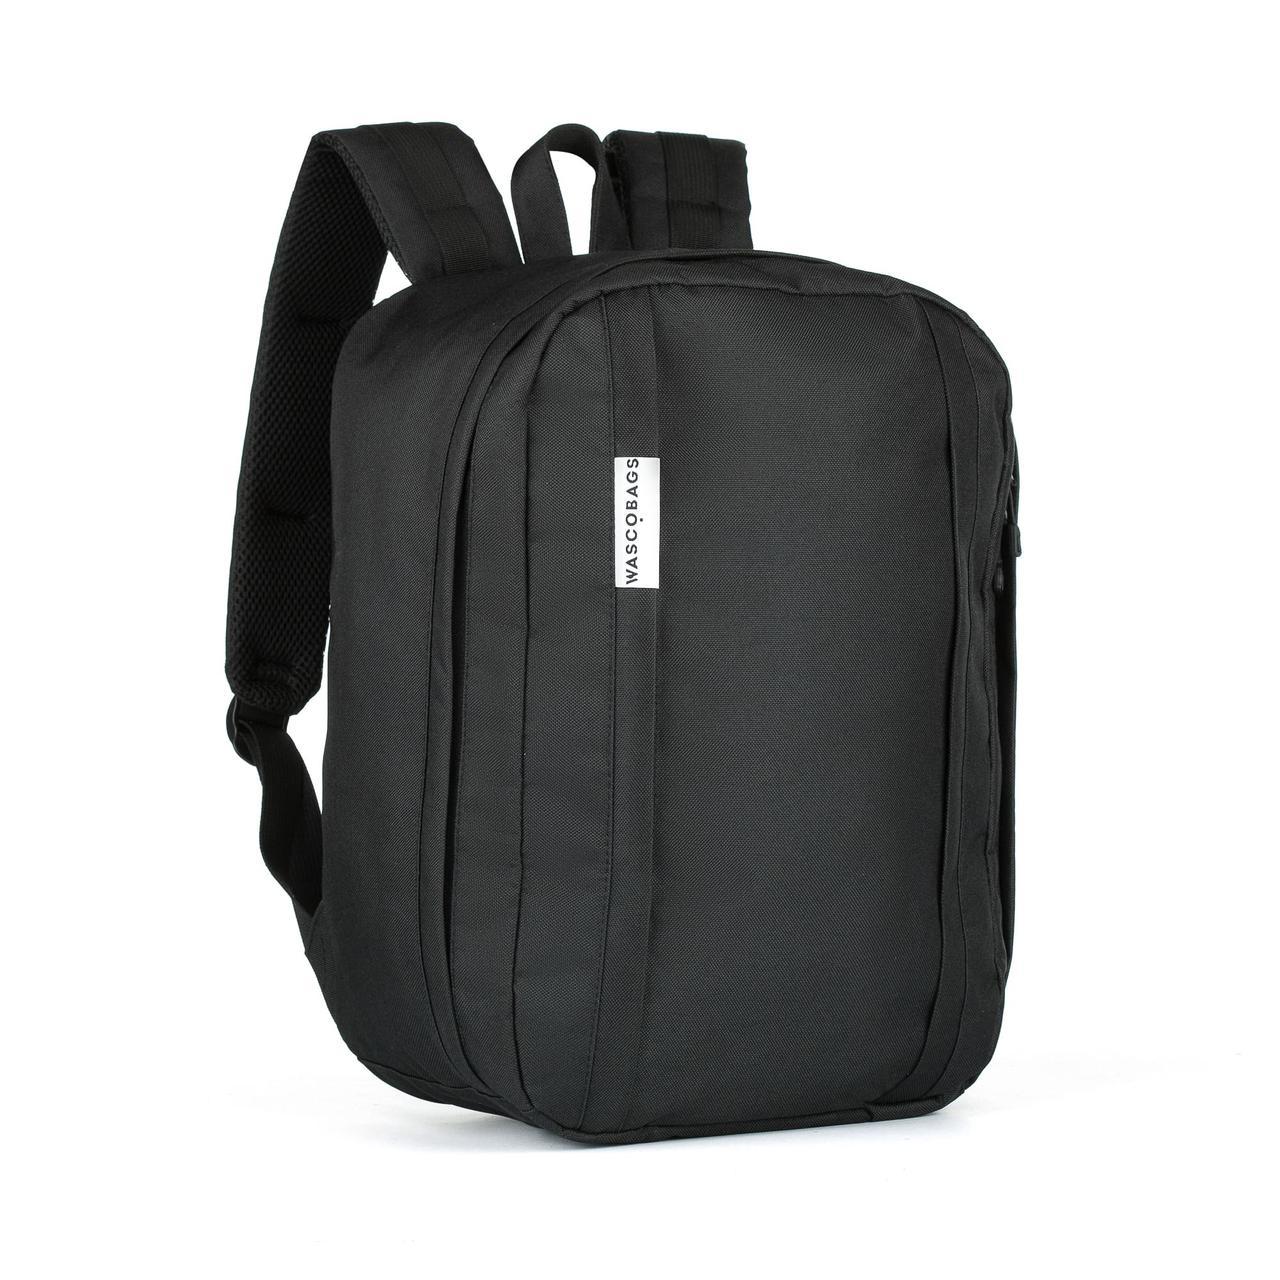 Рюкзак ручная кладь WascoBags 40x30x20 см. WZ Black черный